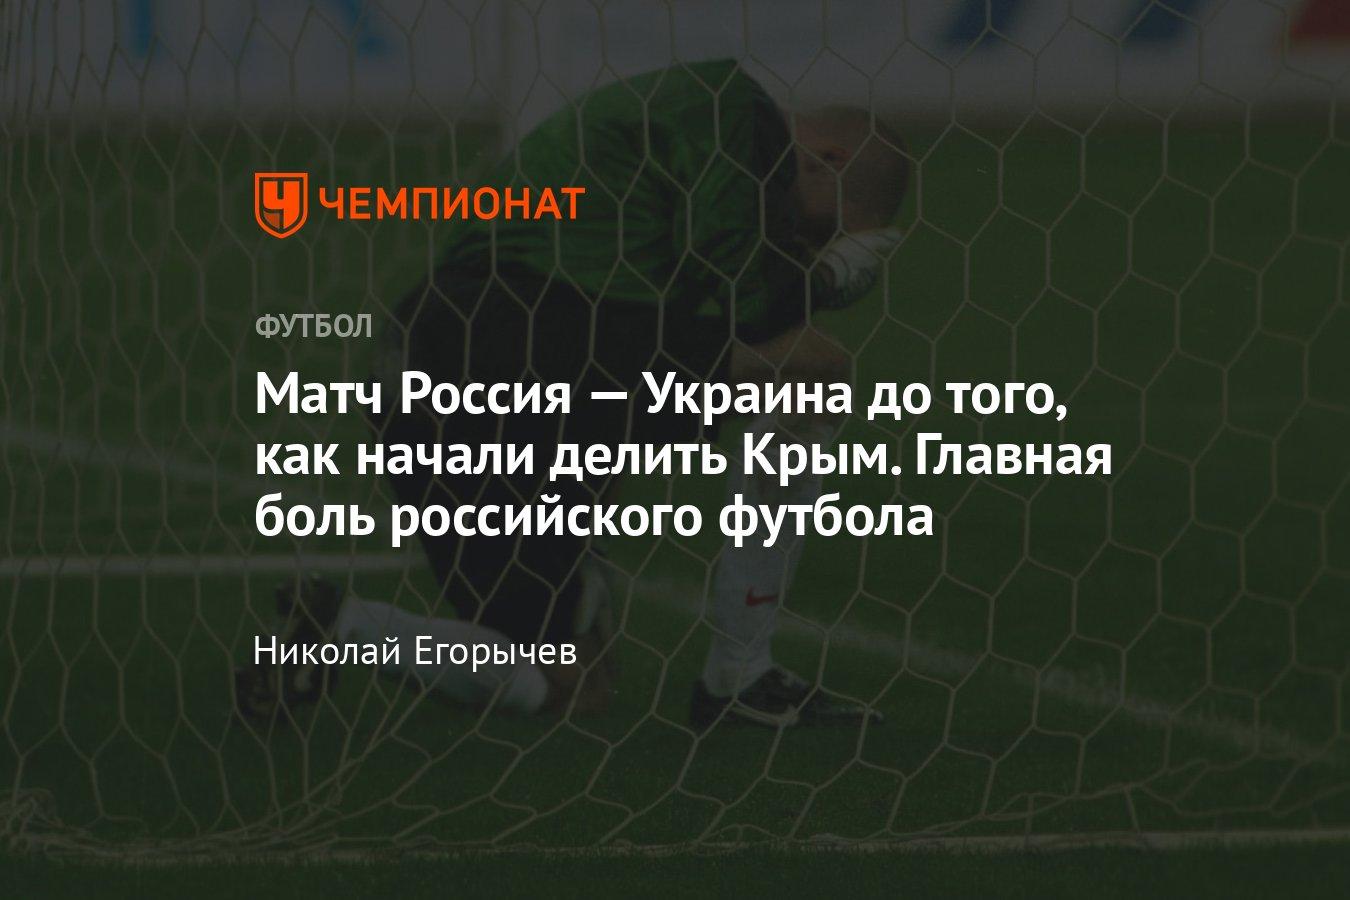 Photo of Матч Россия — Украина до того, как начали делить Крым. Главная боль российского футбола   championat